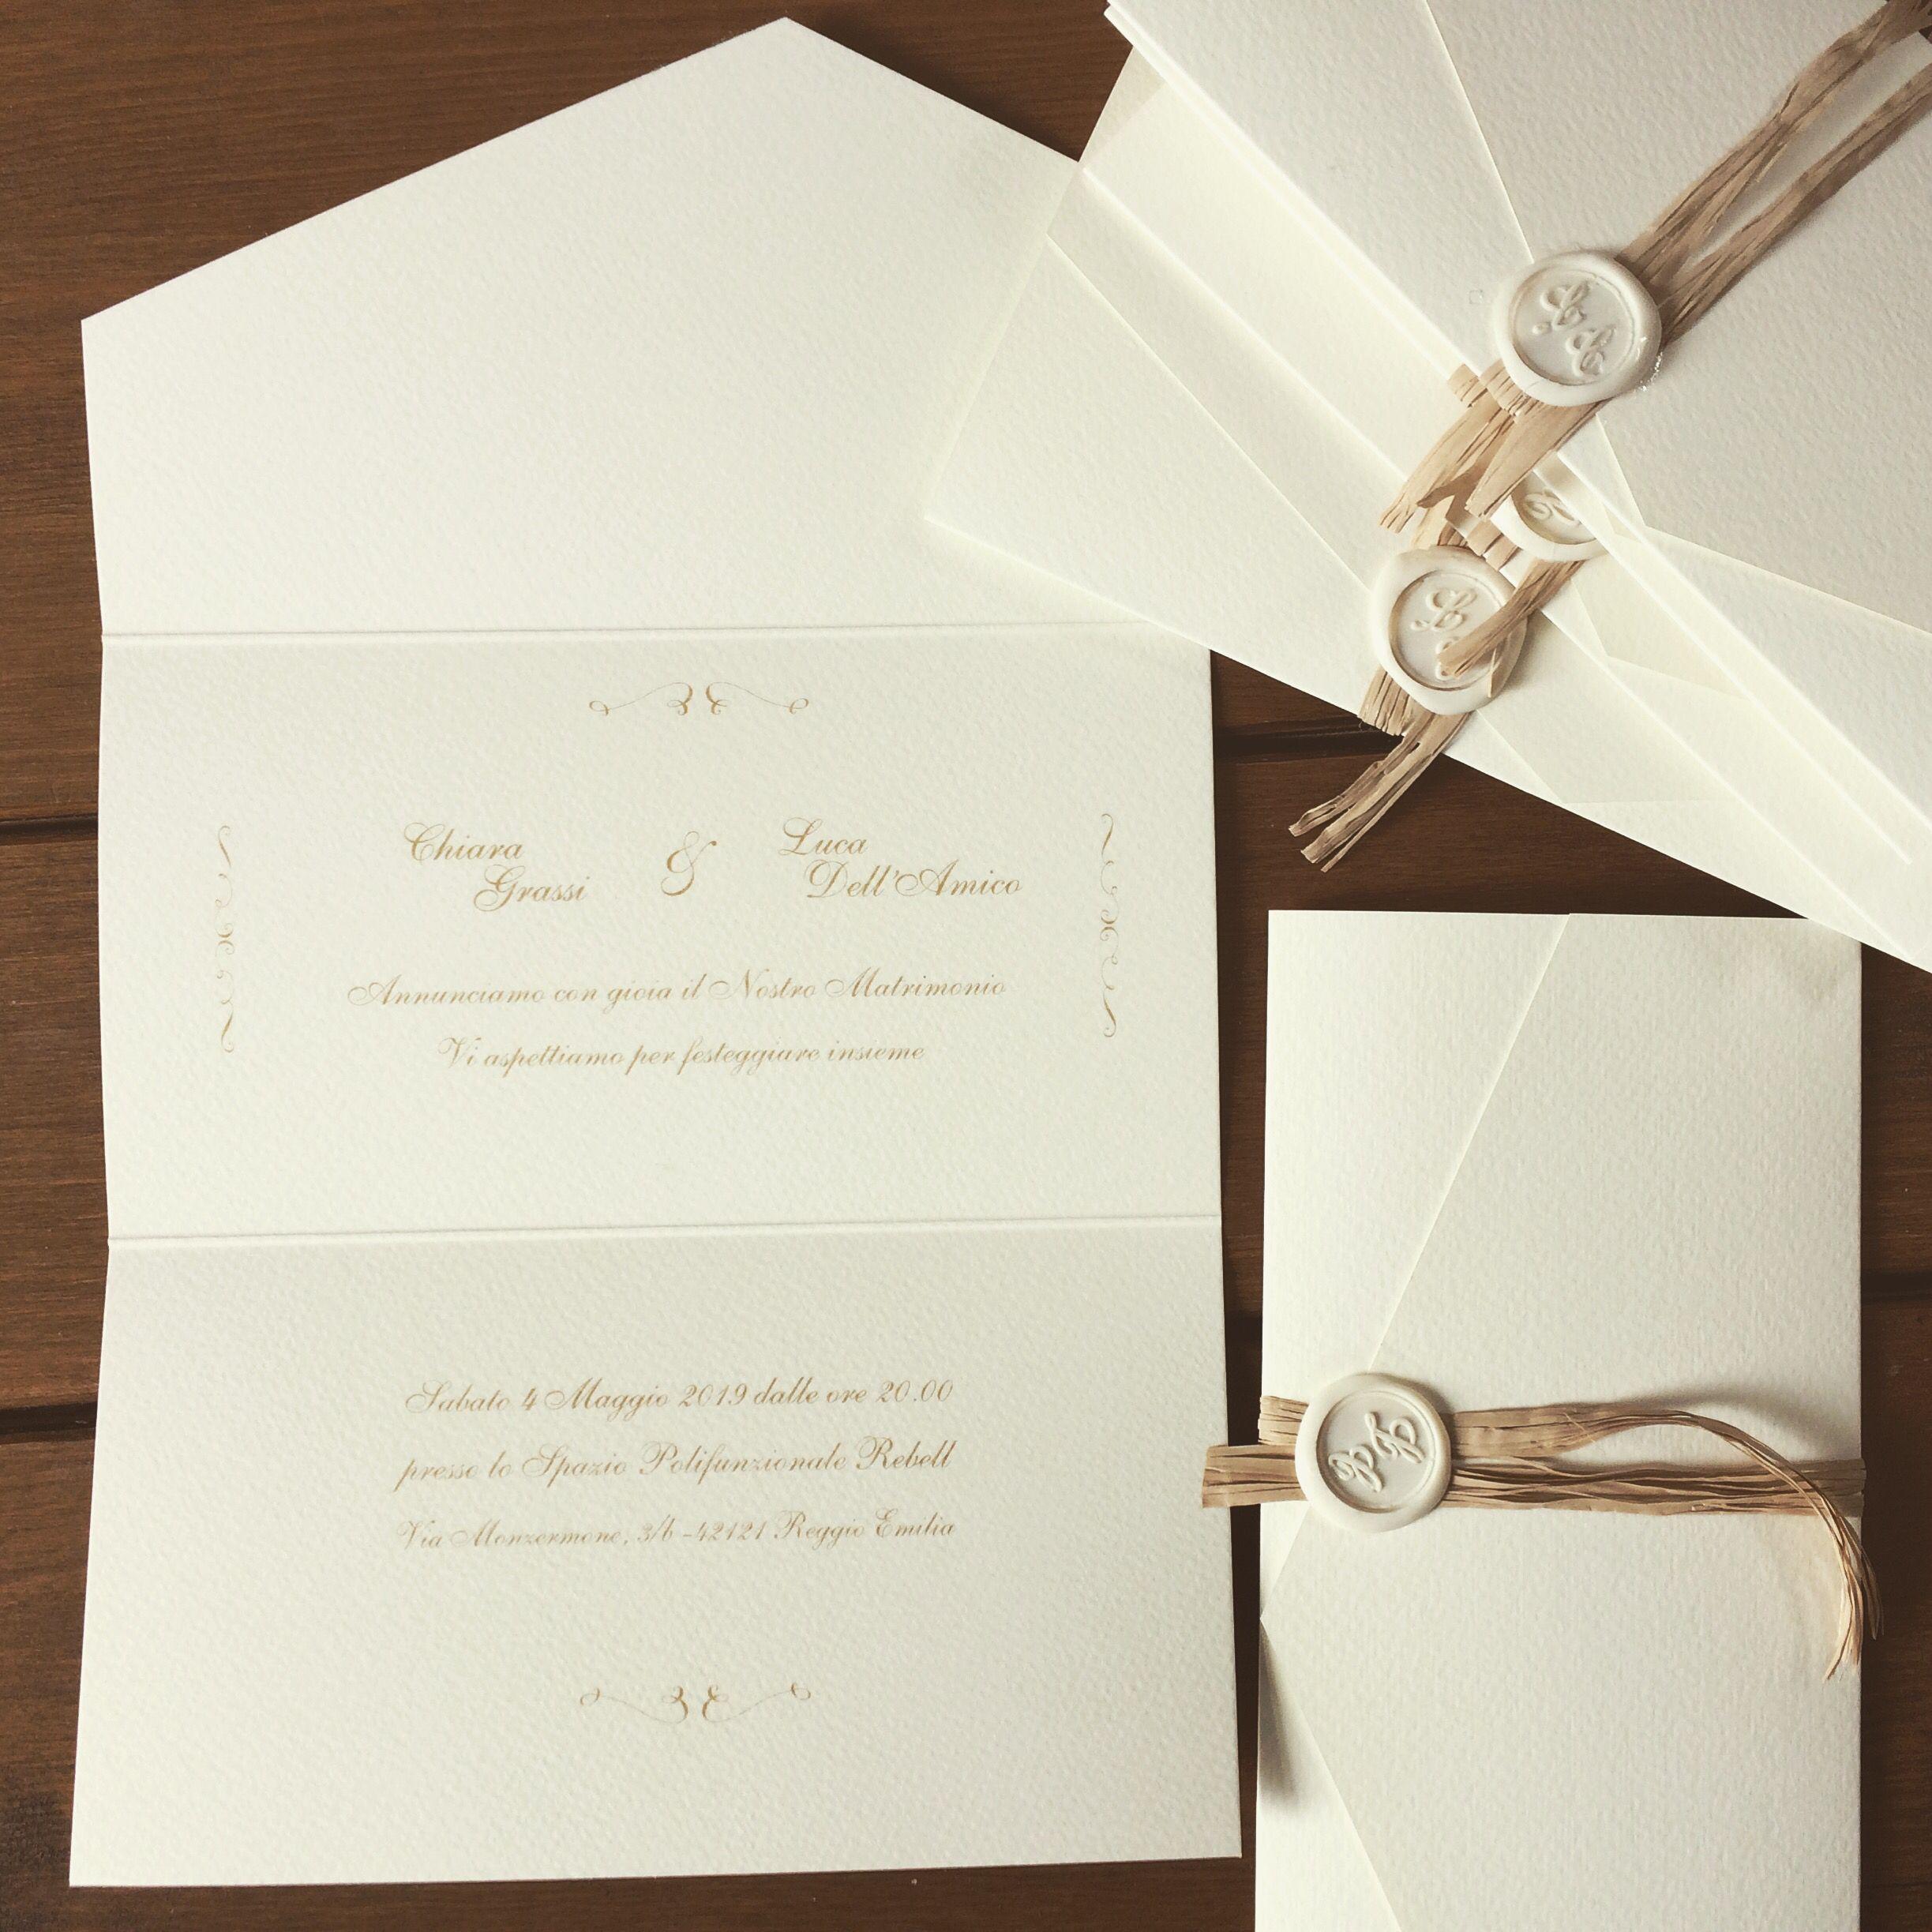 Home Inviti Per Matrimonio Partecipazioni Nozze Biglietto Di Matrimonio